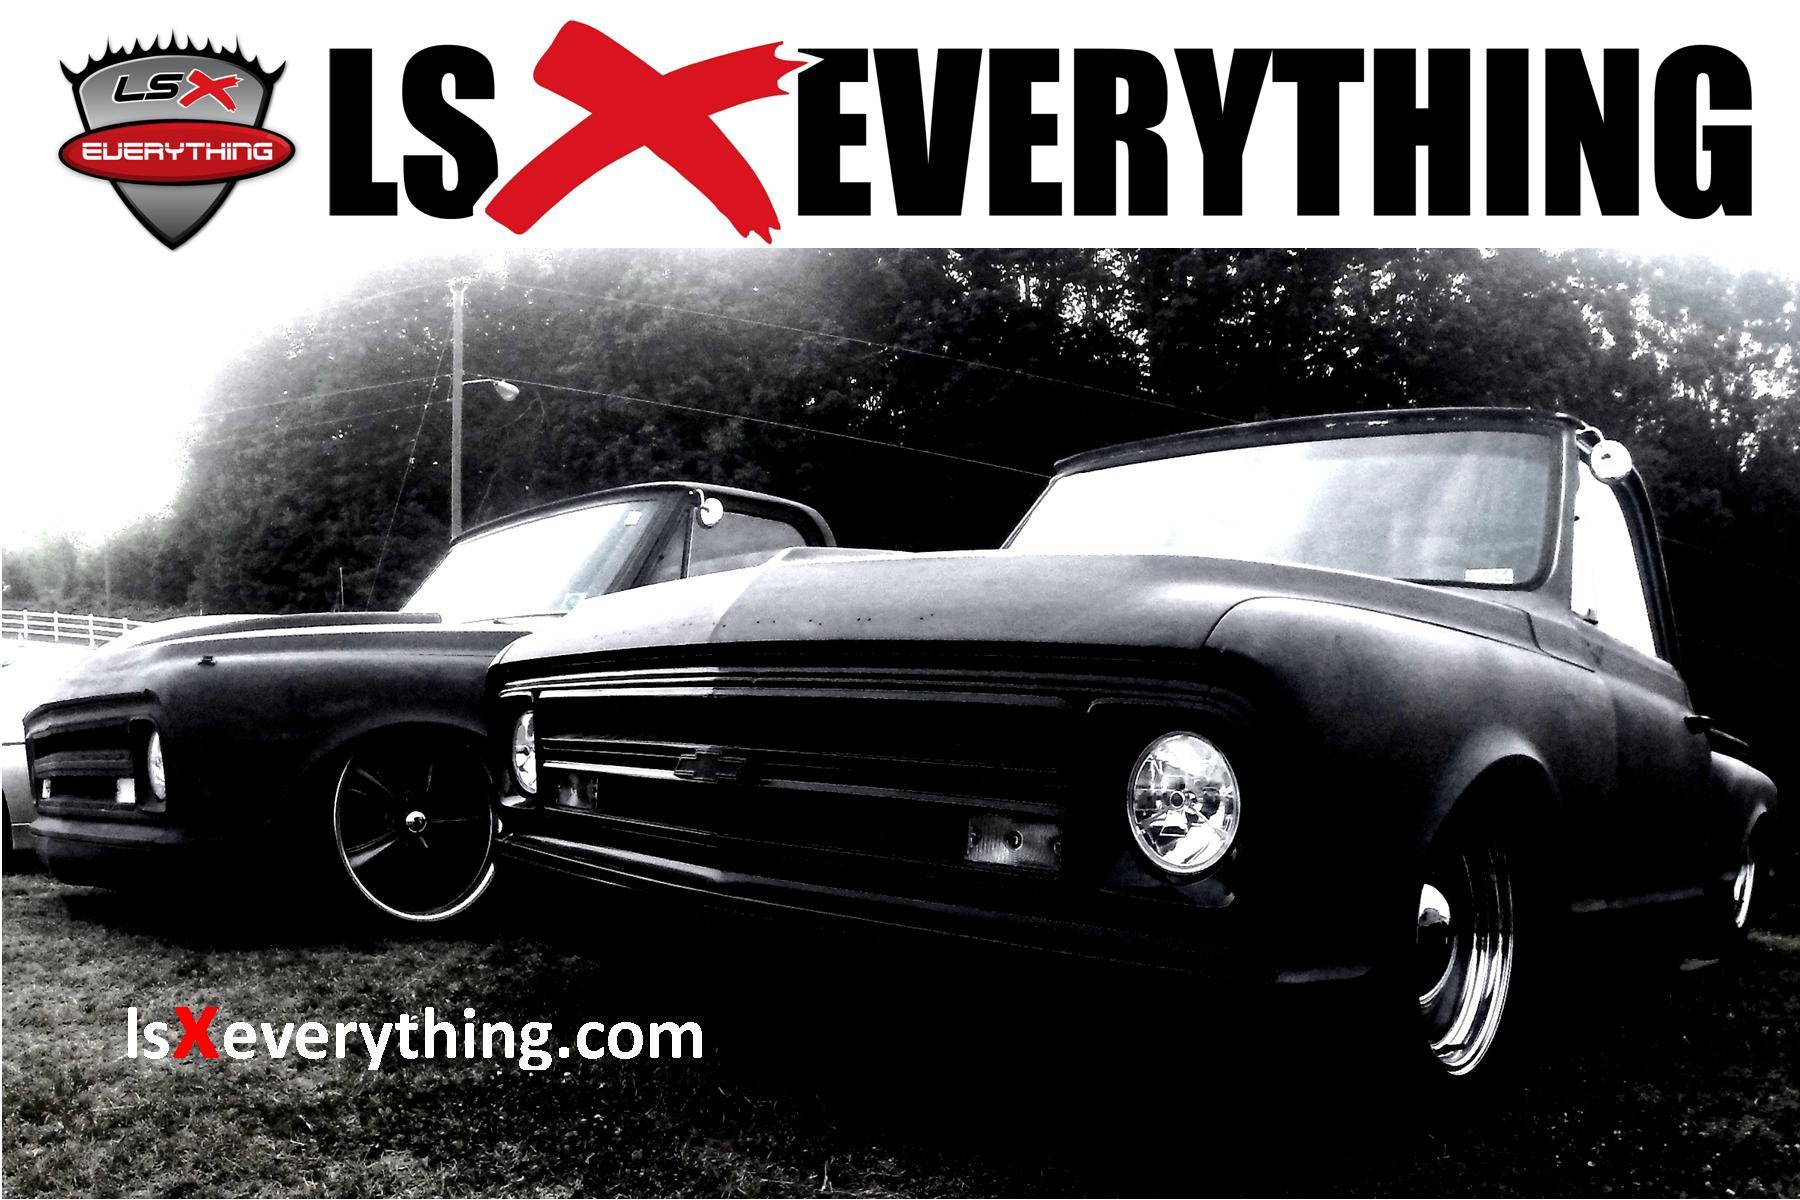 lsxe-flyer.jpg